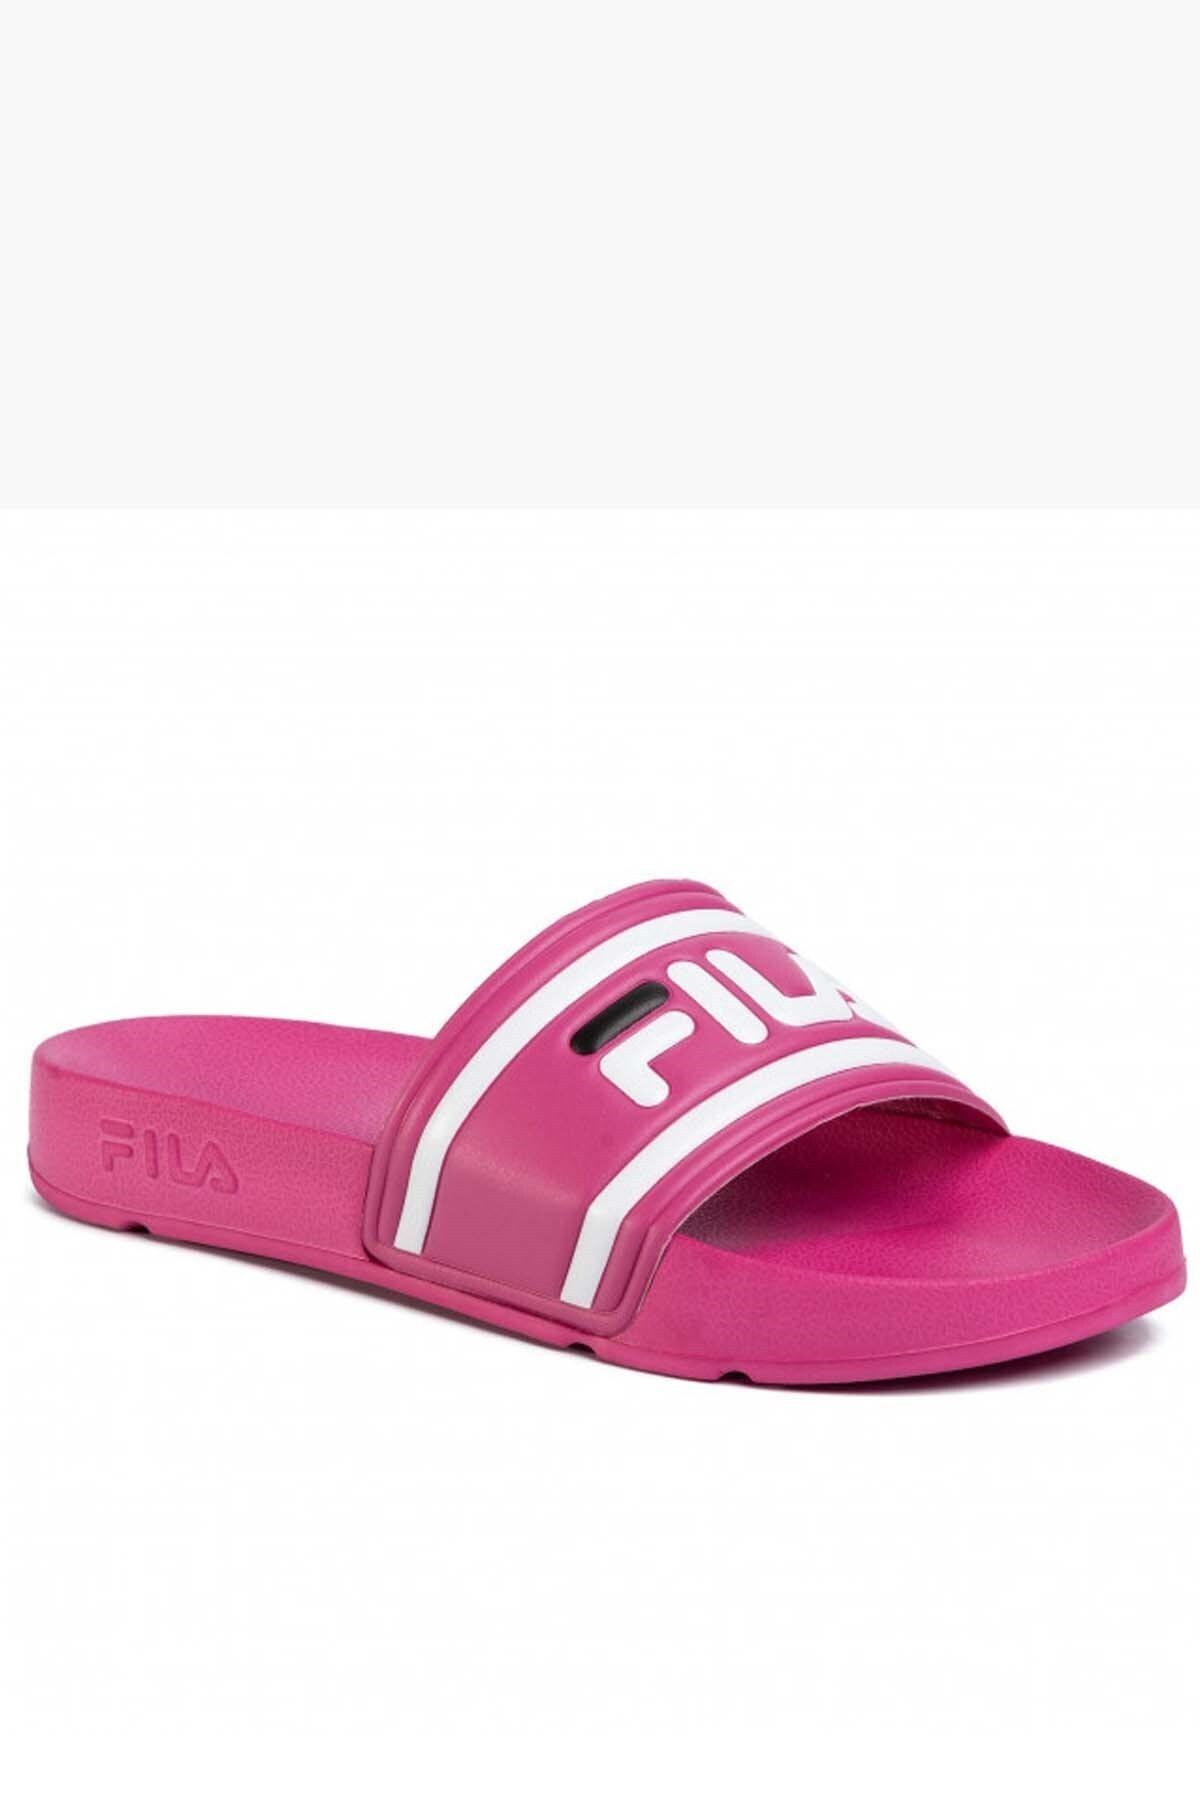 Fila Morro Bay Slipper 2.0 Wmn Kadın Günlük Spor Ayakkabı 1010901_tym-purple 1